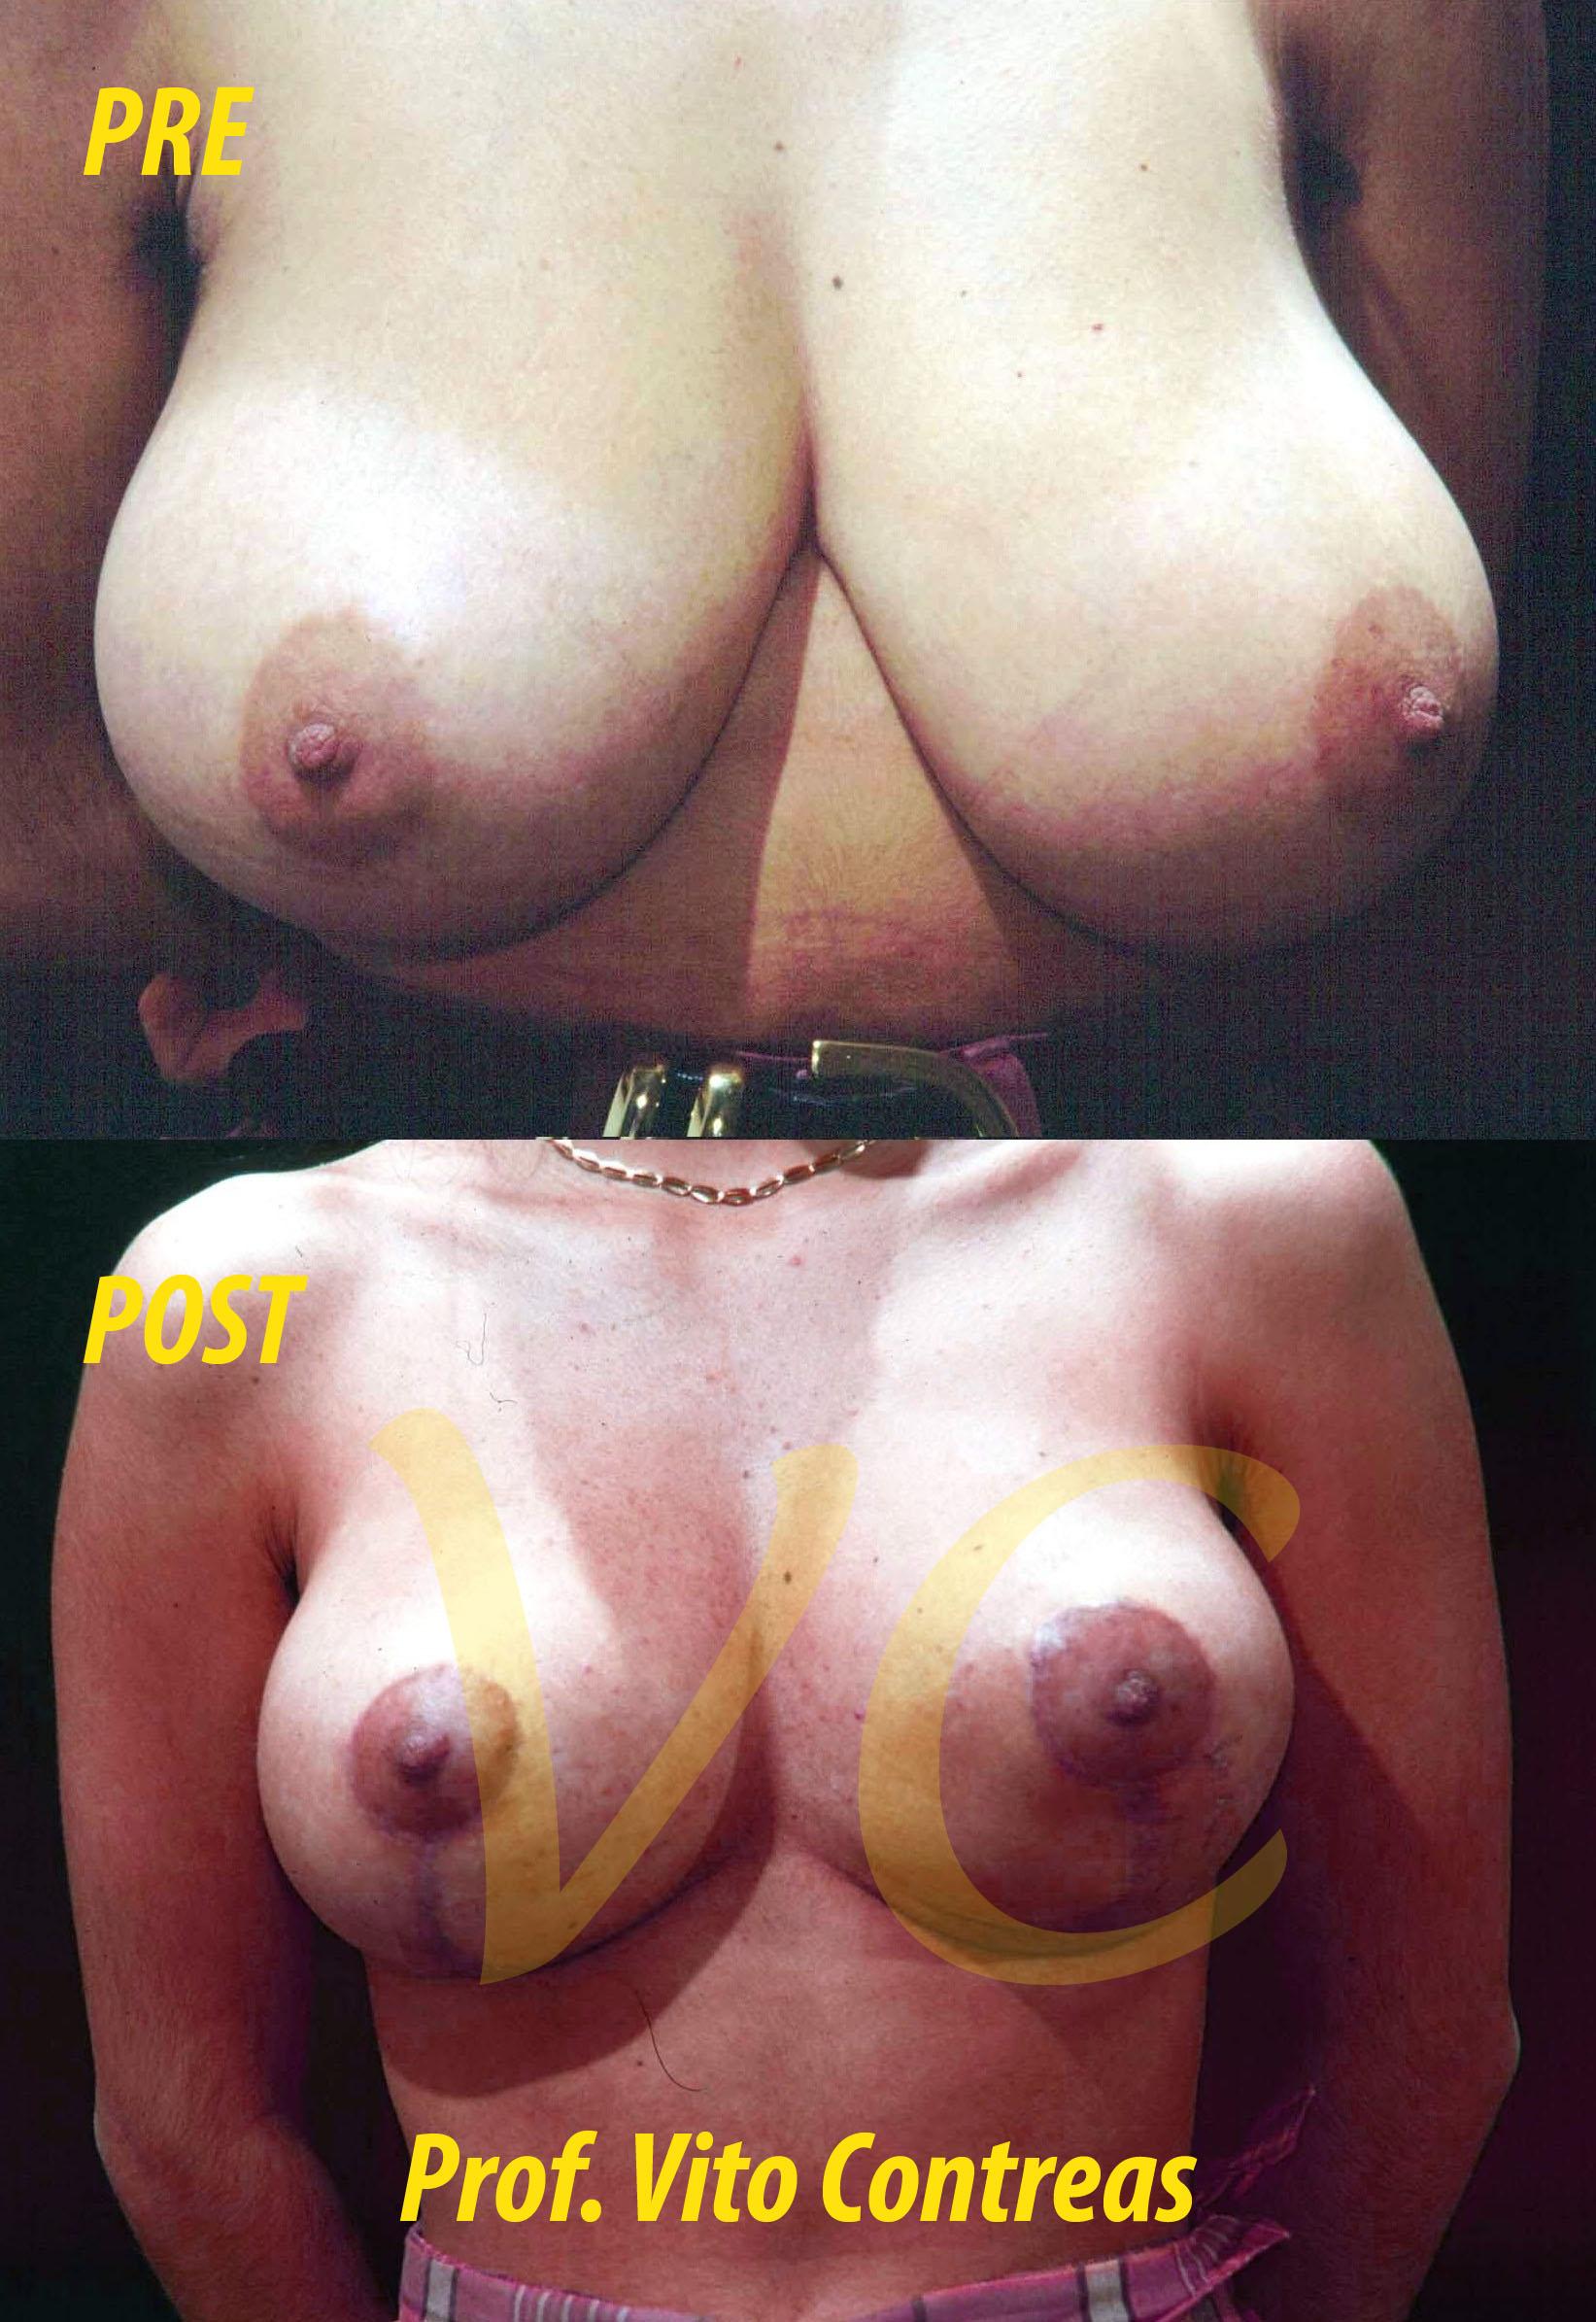 Foto di una Mastoplastica Riduttiva prima e dopo l'intervento chirurgico